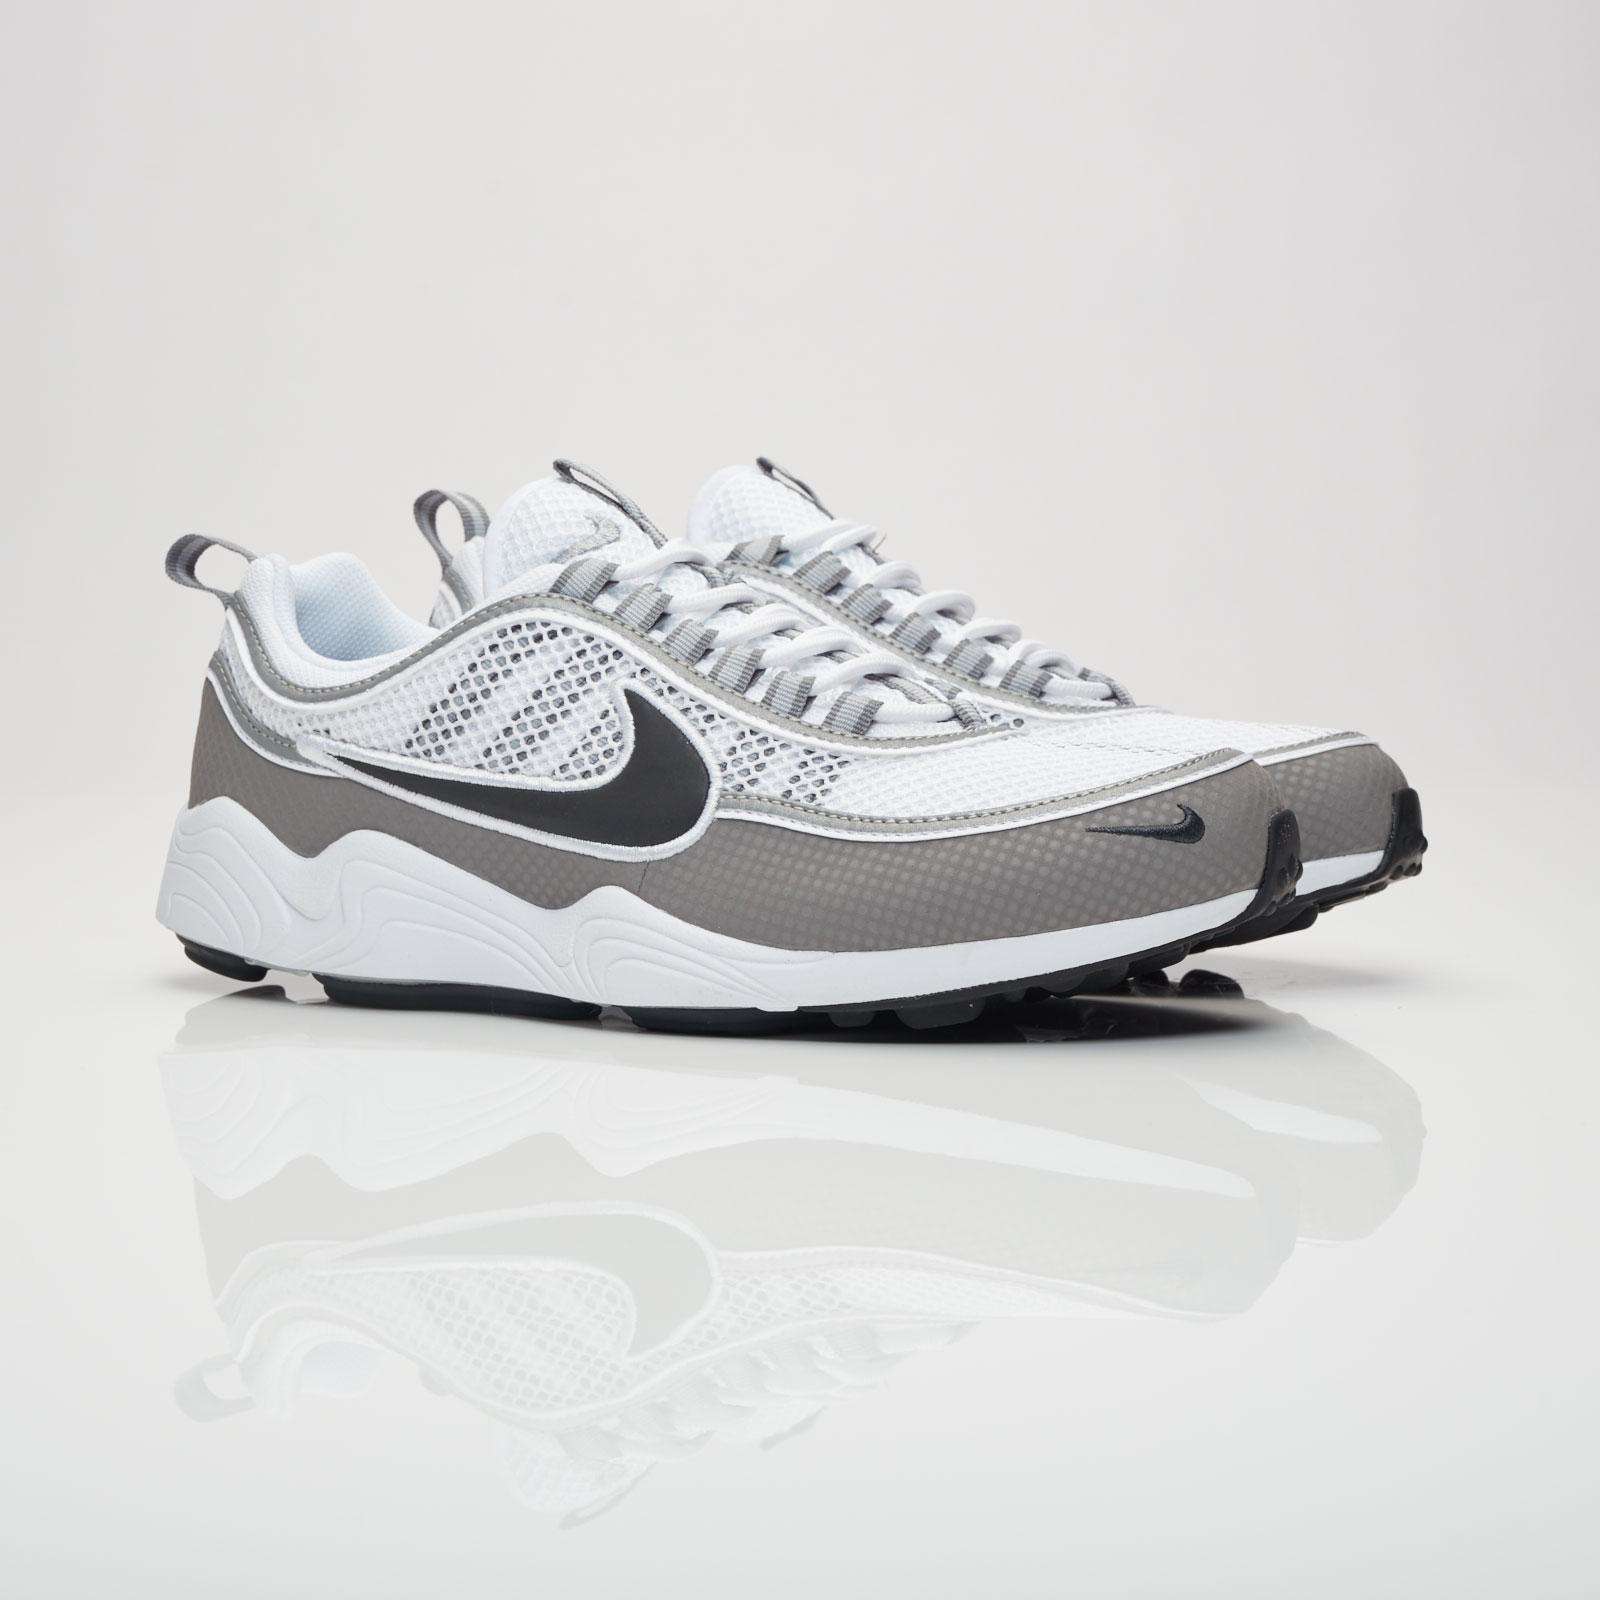 988a0a95eddf Nike Air Zoom Spiridon 16 - 849776-101 - Sneakersnstuff